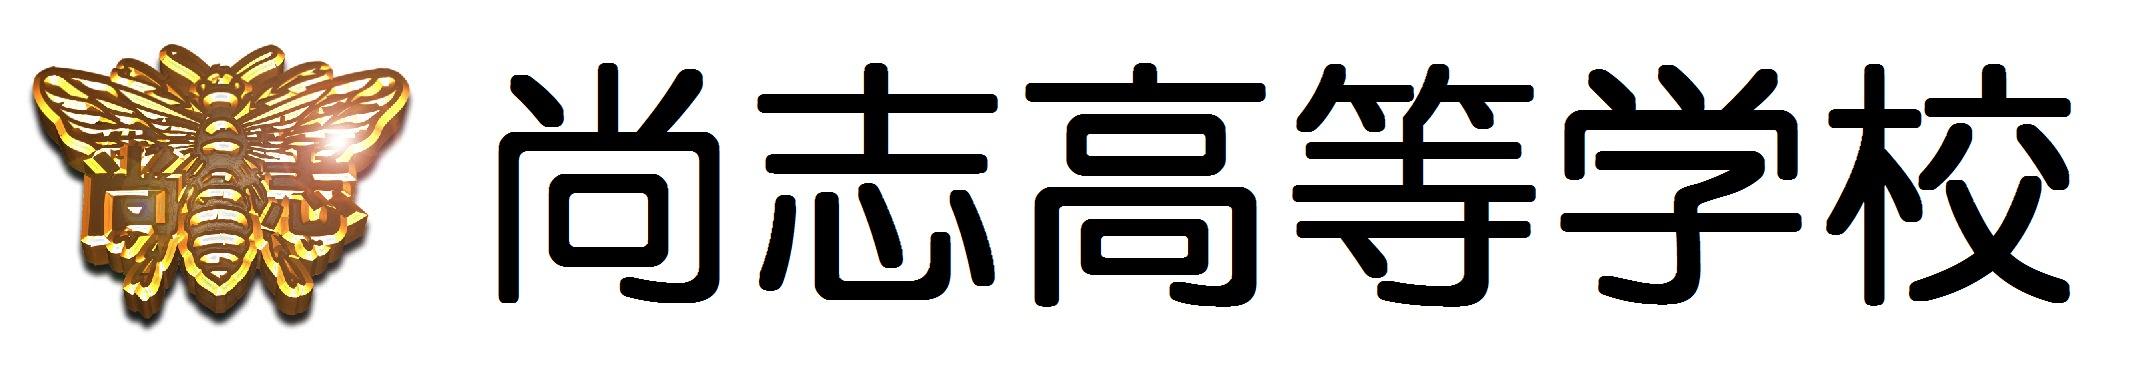 学校法人尚志学園 尚志高等学校